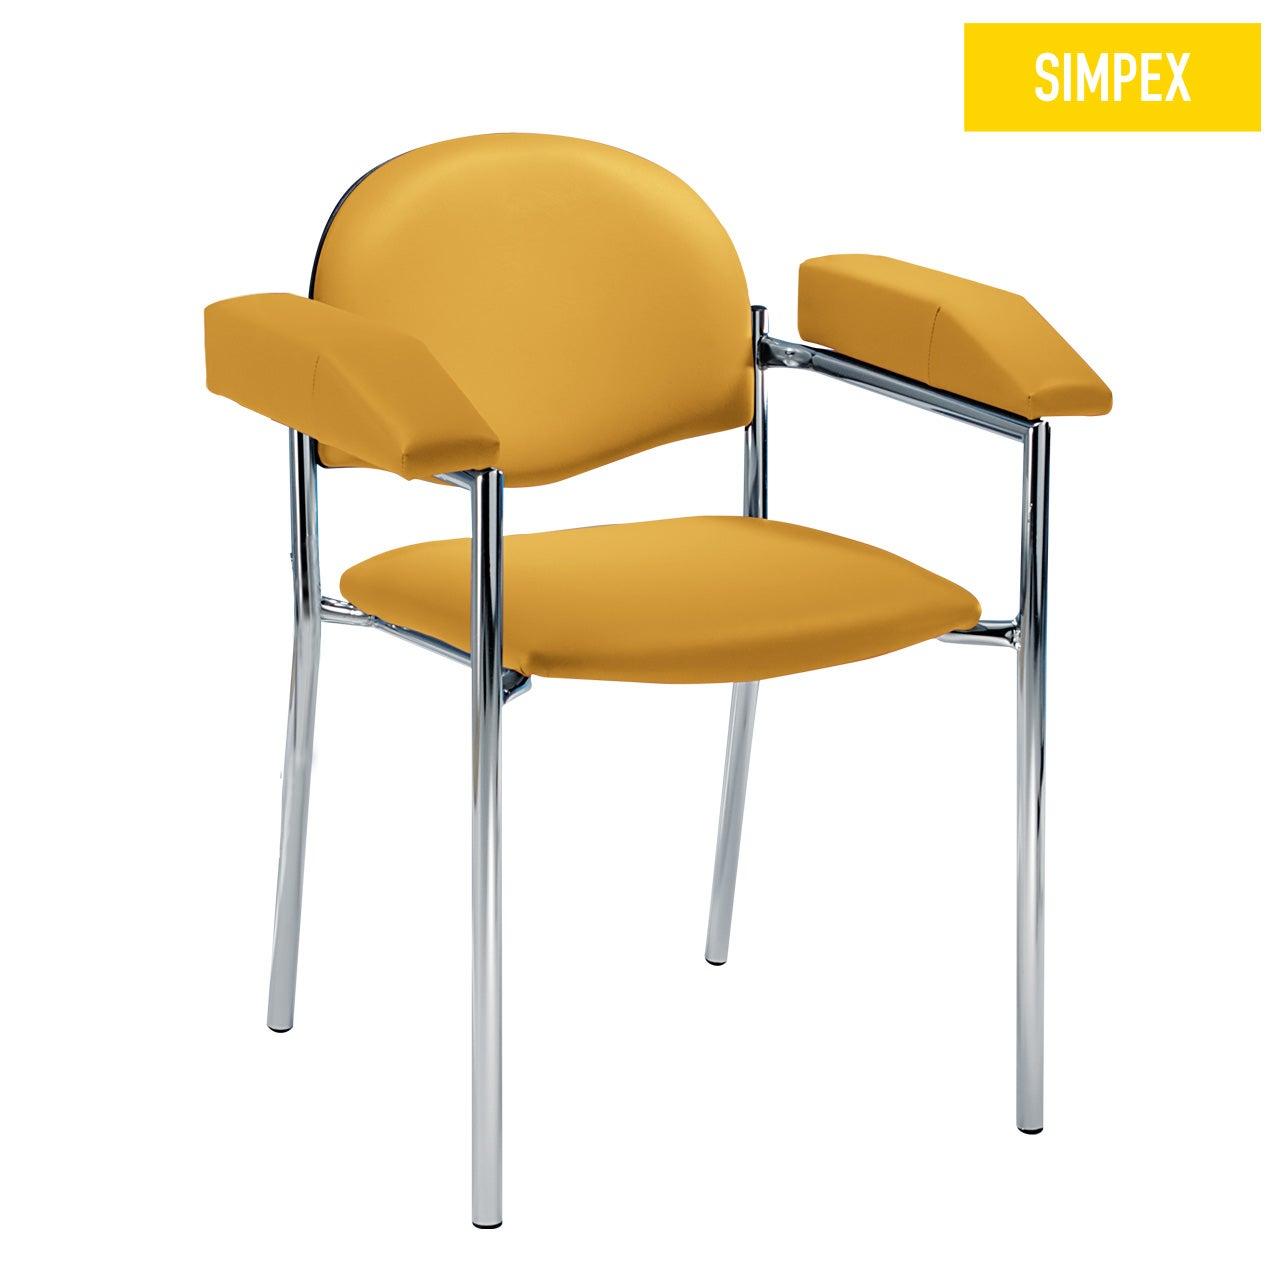 Blutentnahmestuhl Stuhl HAEMO-LINEA Cuneo mit Kunstleder in gelb (mais) und einem Gestell aus Stahl verchromt von SIMPEX